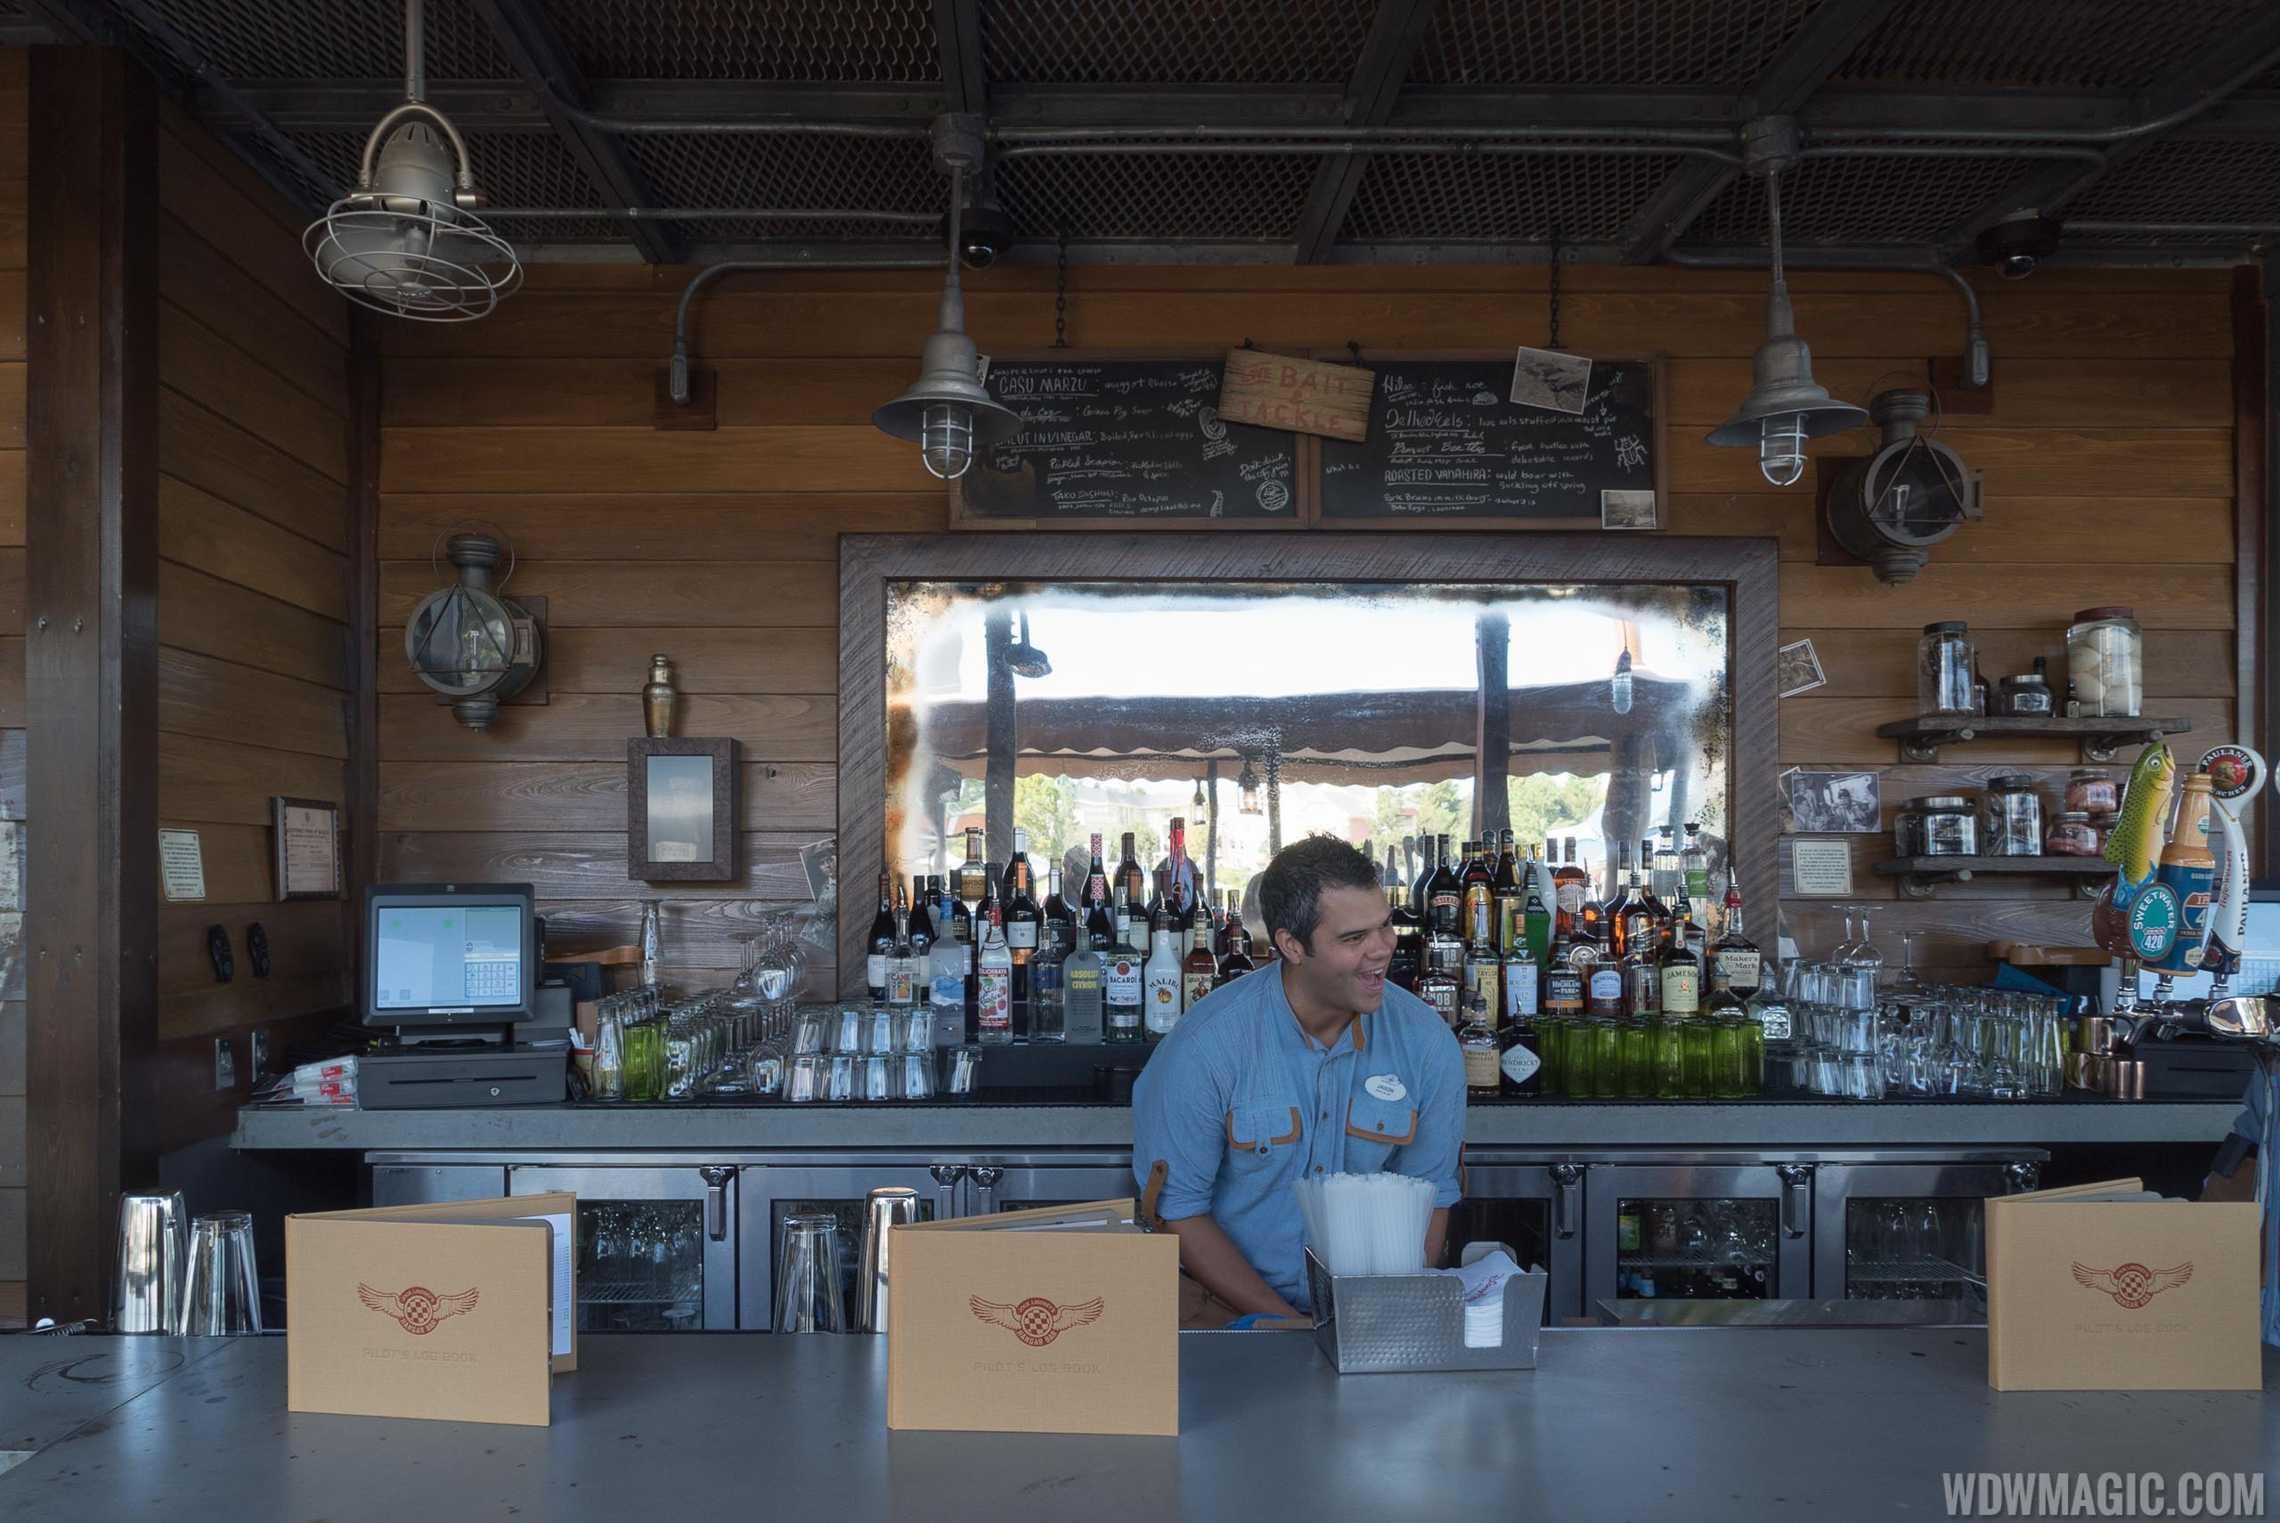 Jock Lindsey's Hangar Bar - The outdoor bar